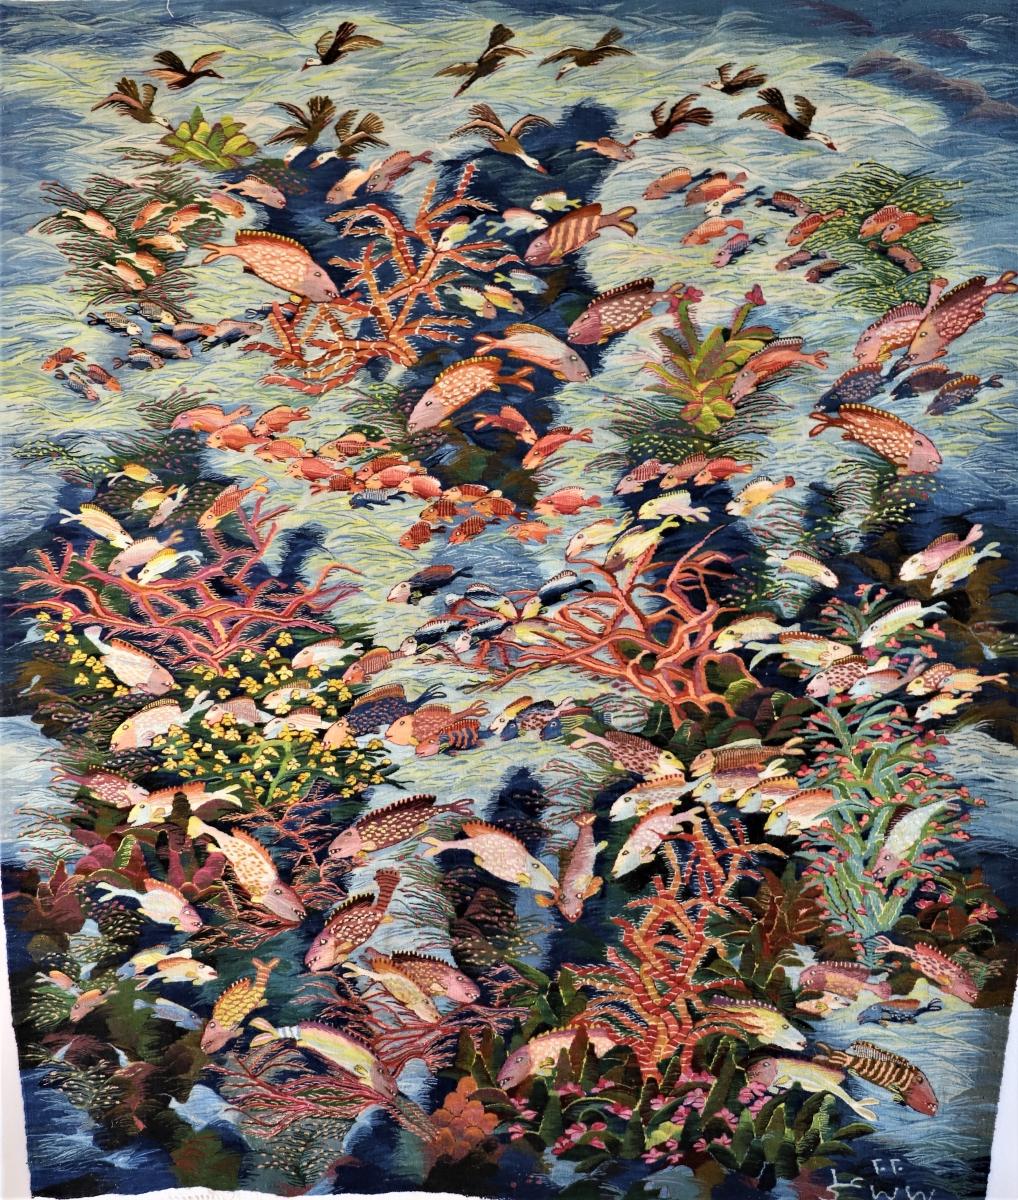 26-Corals-Fish-2020-593-1.60-x-1.88-m-Ali-Seliem